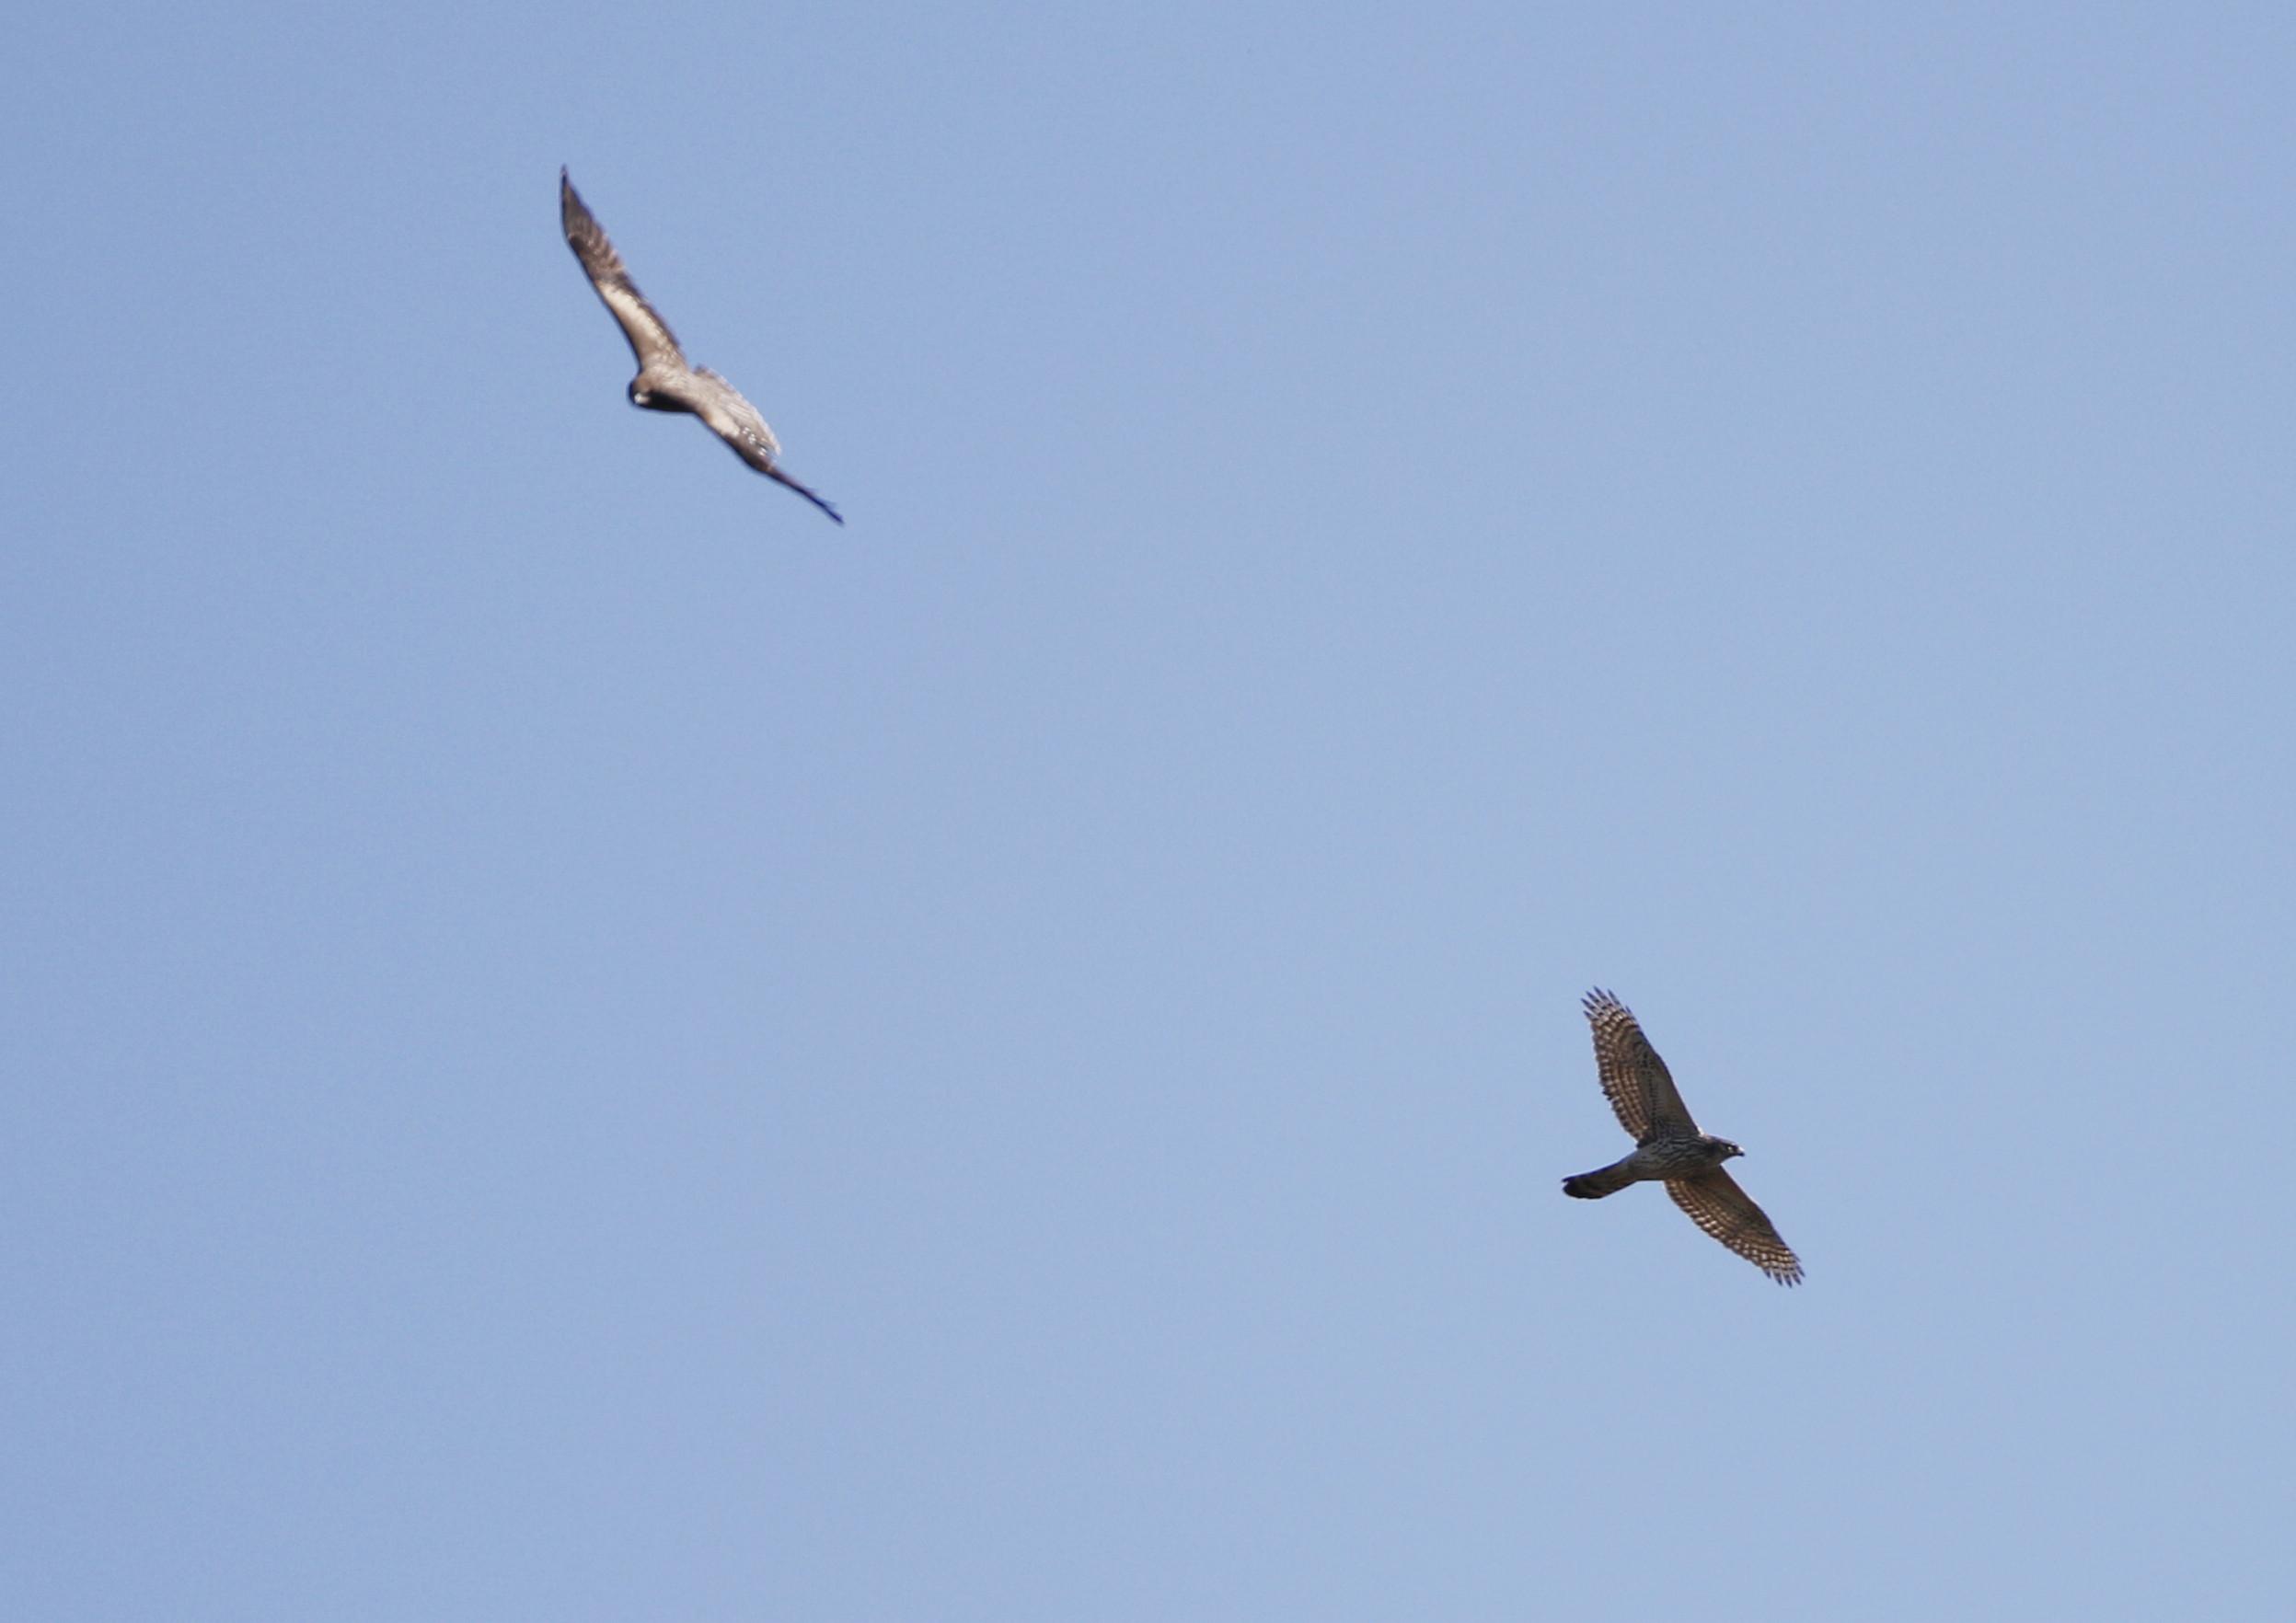 ミサゴ狙いも、飛ばない日は何を撮る_f0239515_21101521.jpg